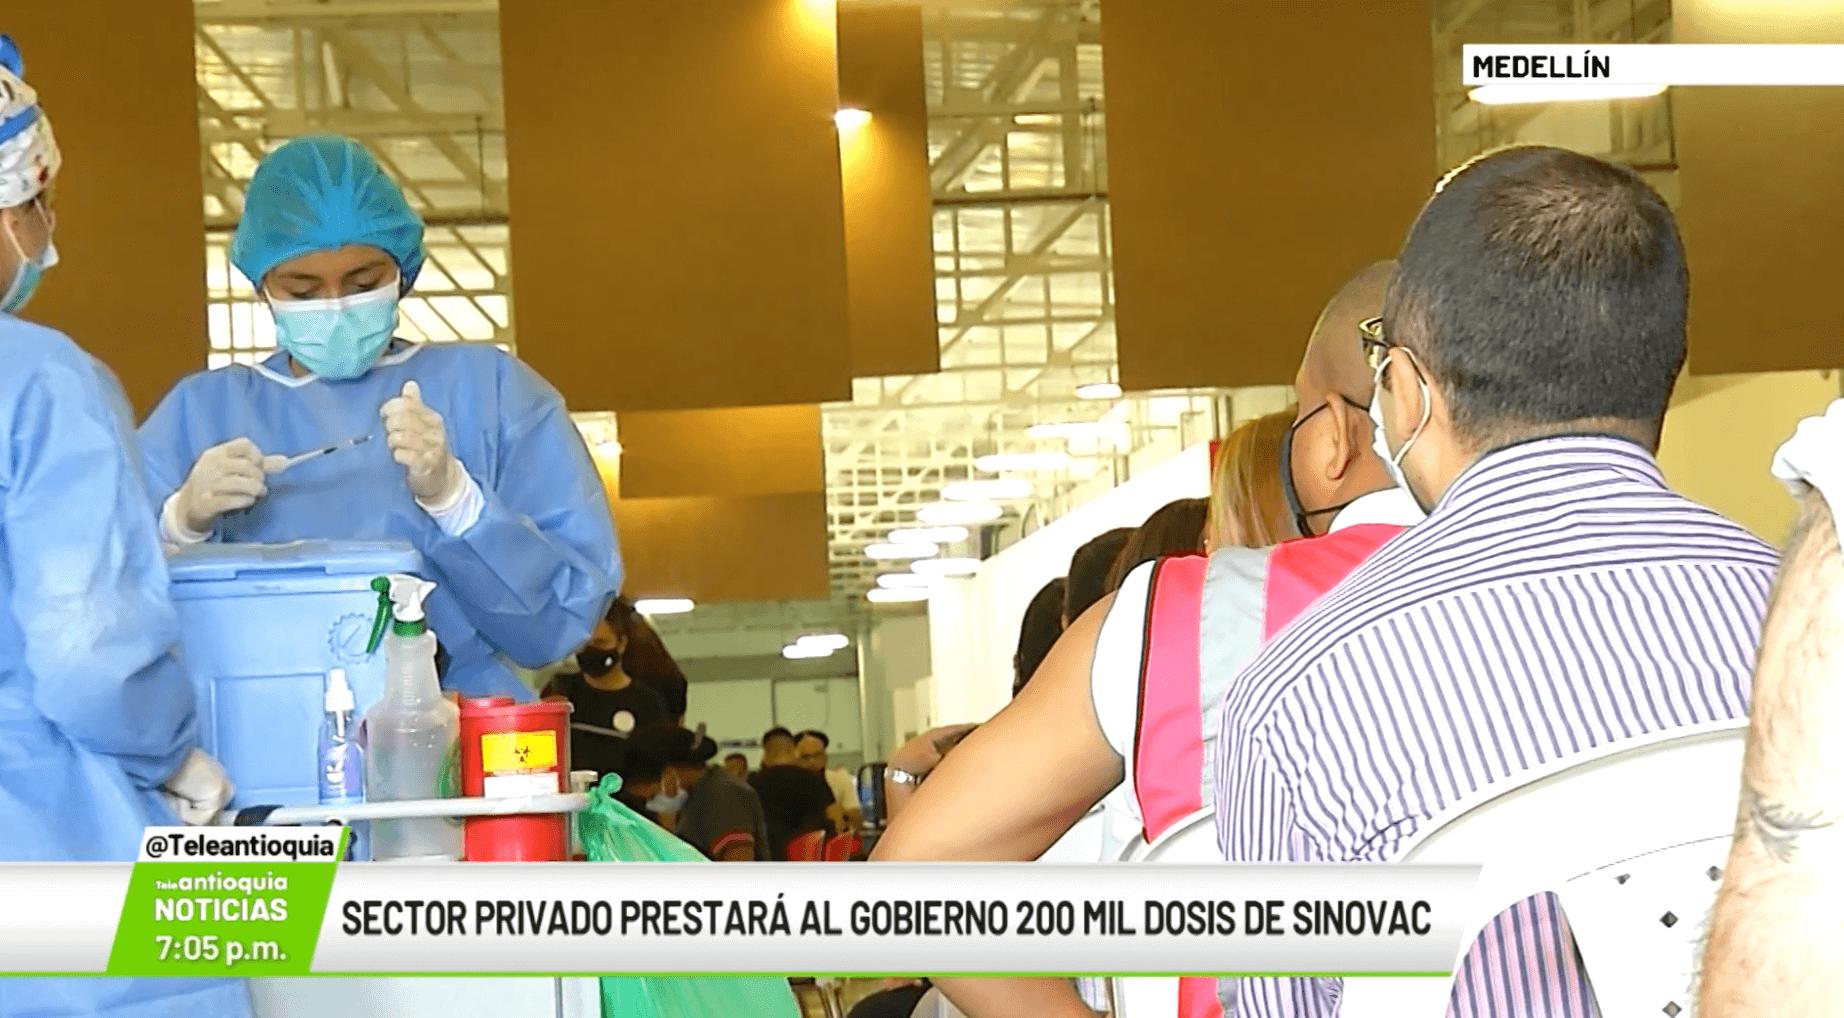 Sector privado prestará al Gobierno 200 mil dosis de Sinovac